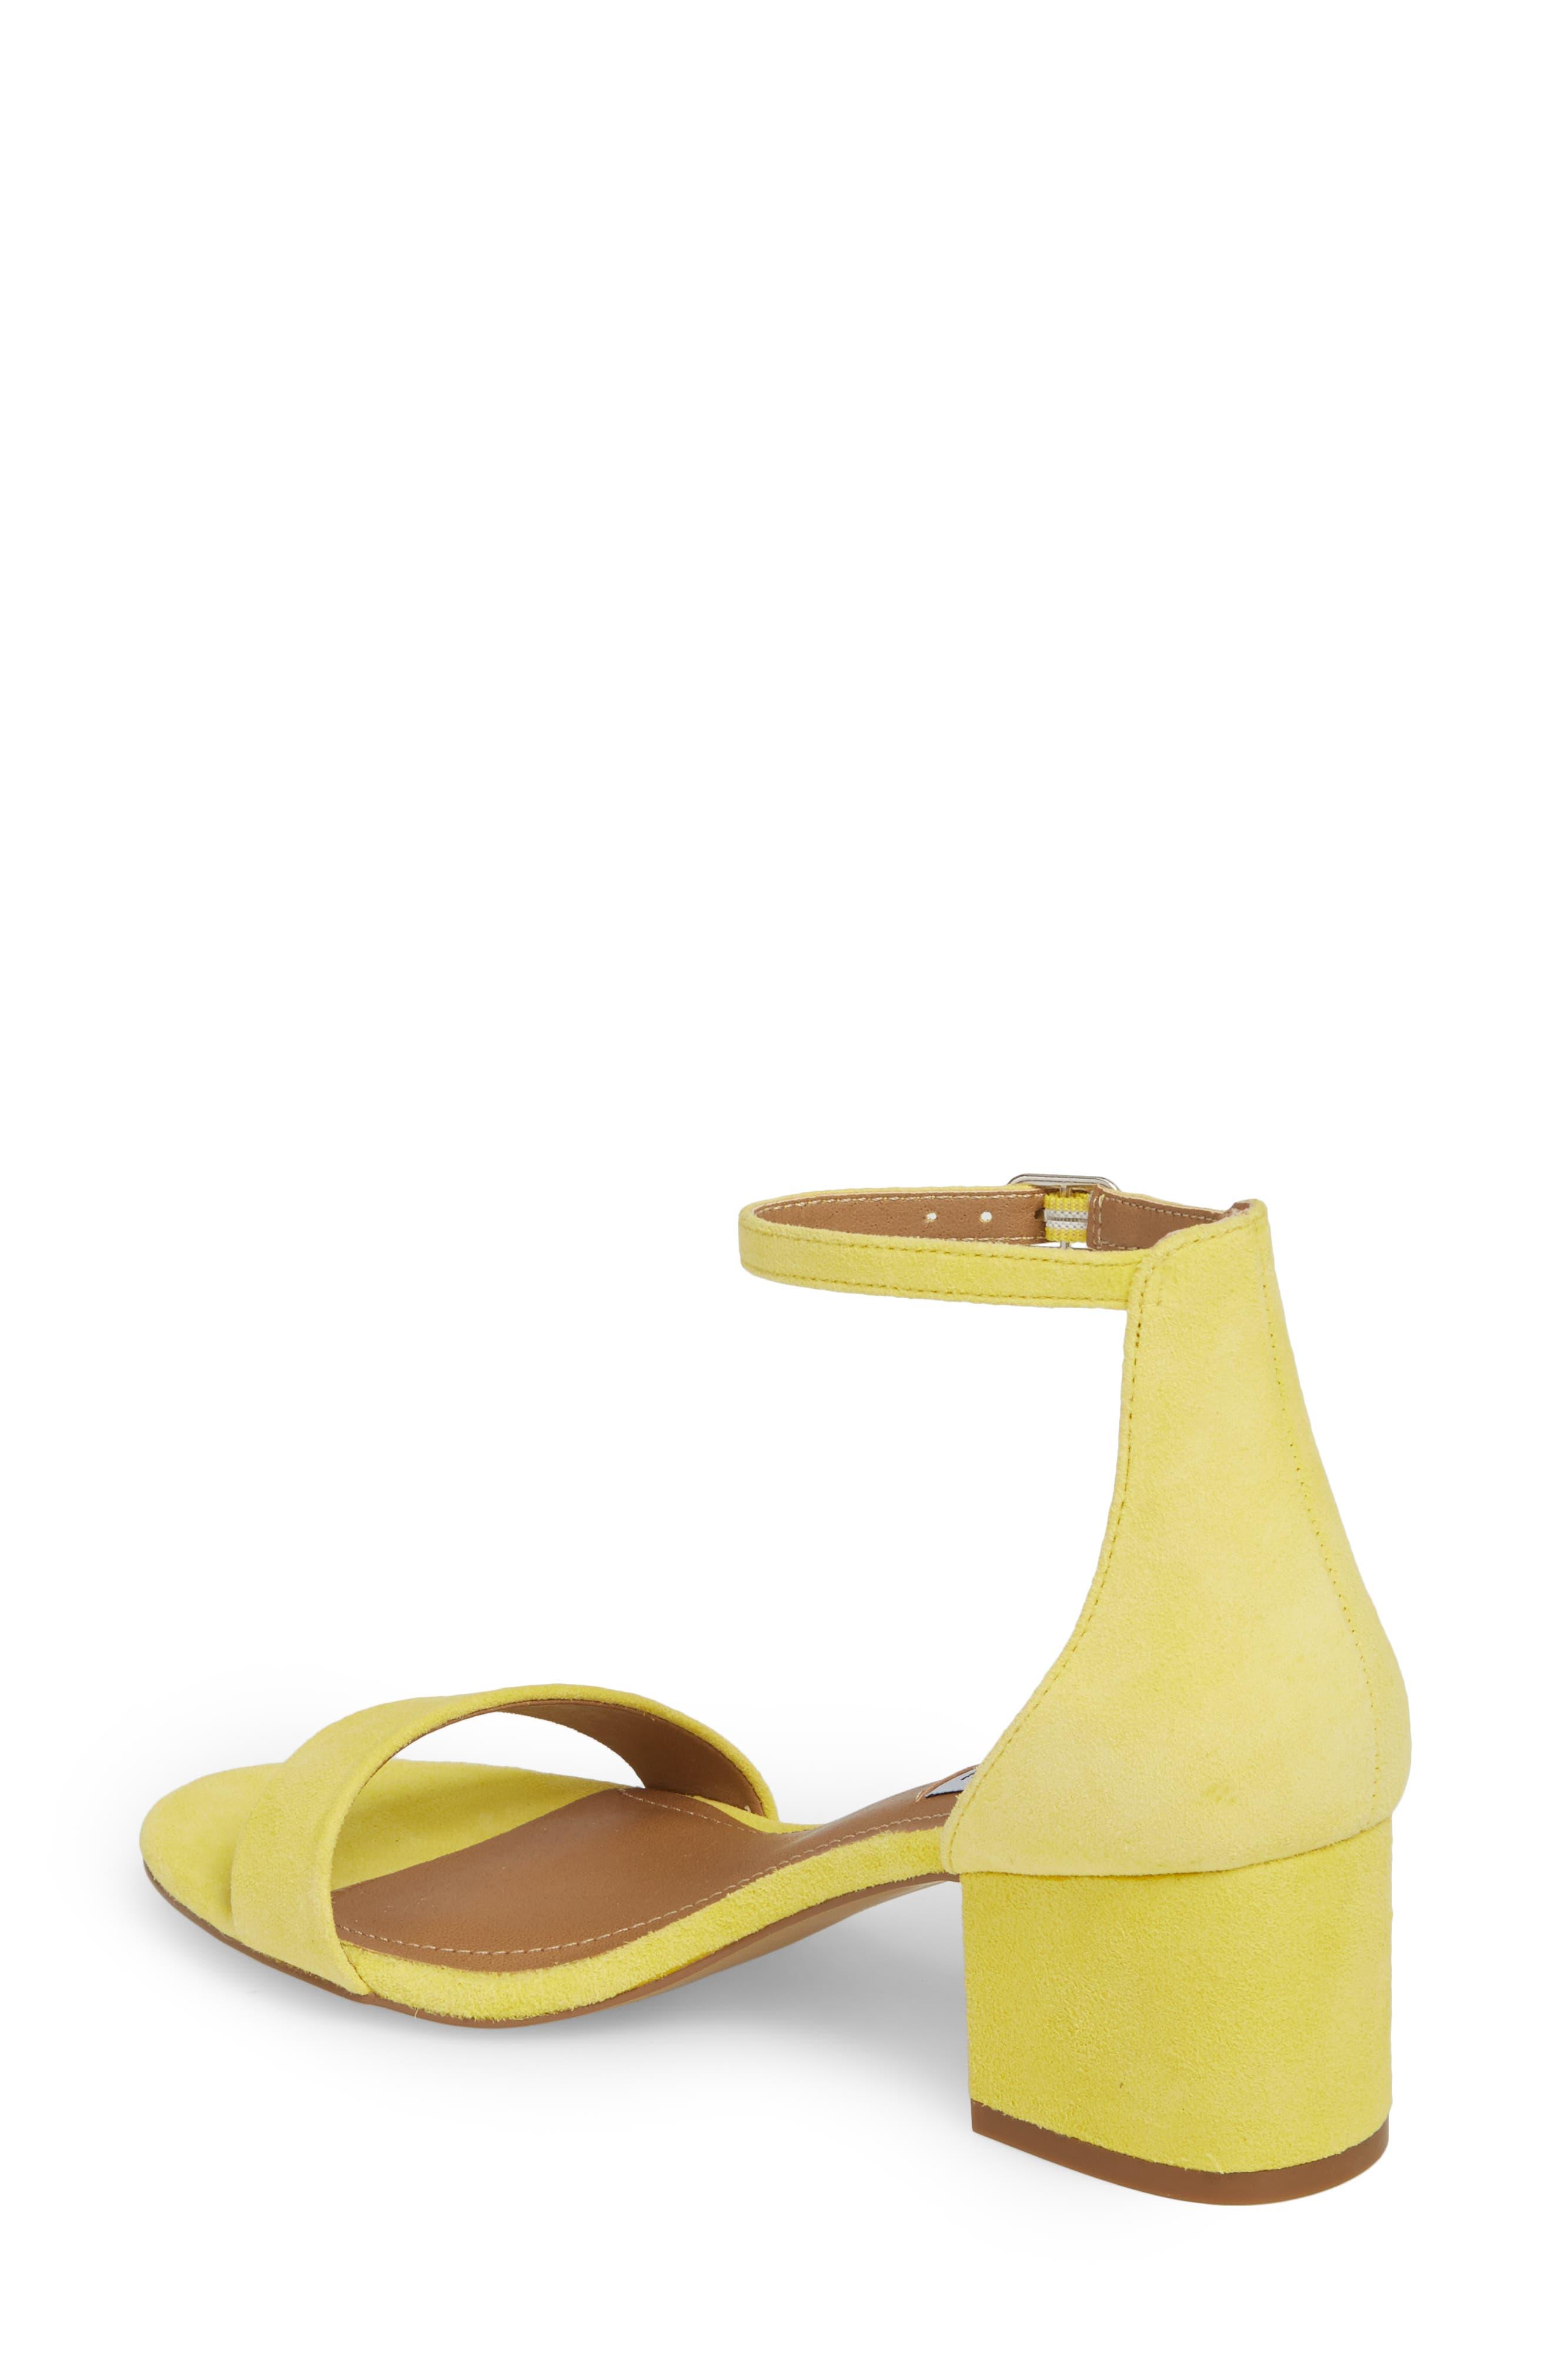 Irenee Ankle Strap Sandal,                             Alternate thumbnail 43, color,